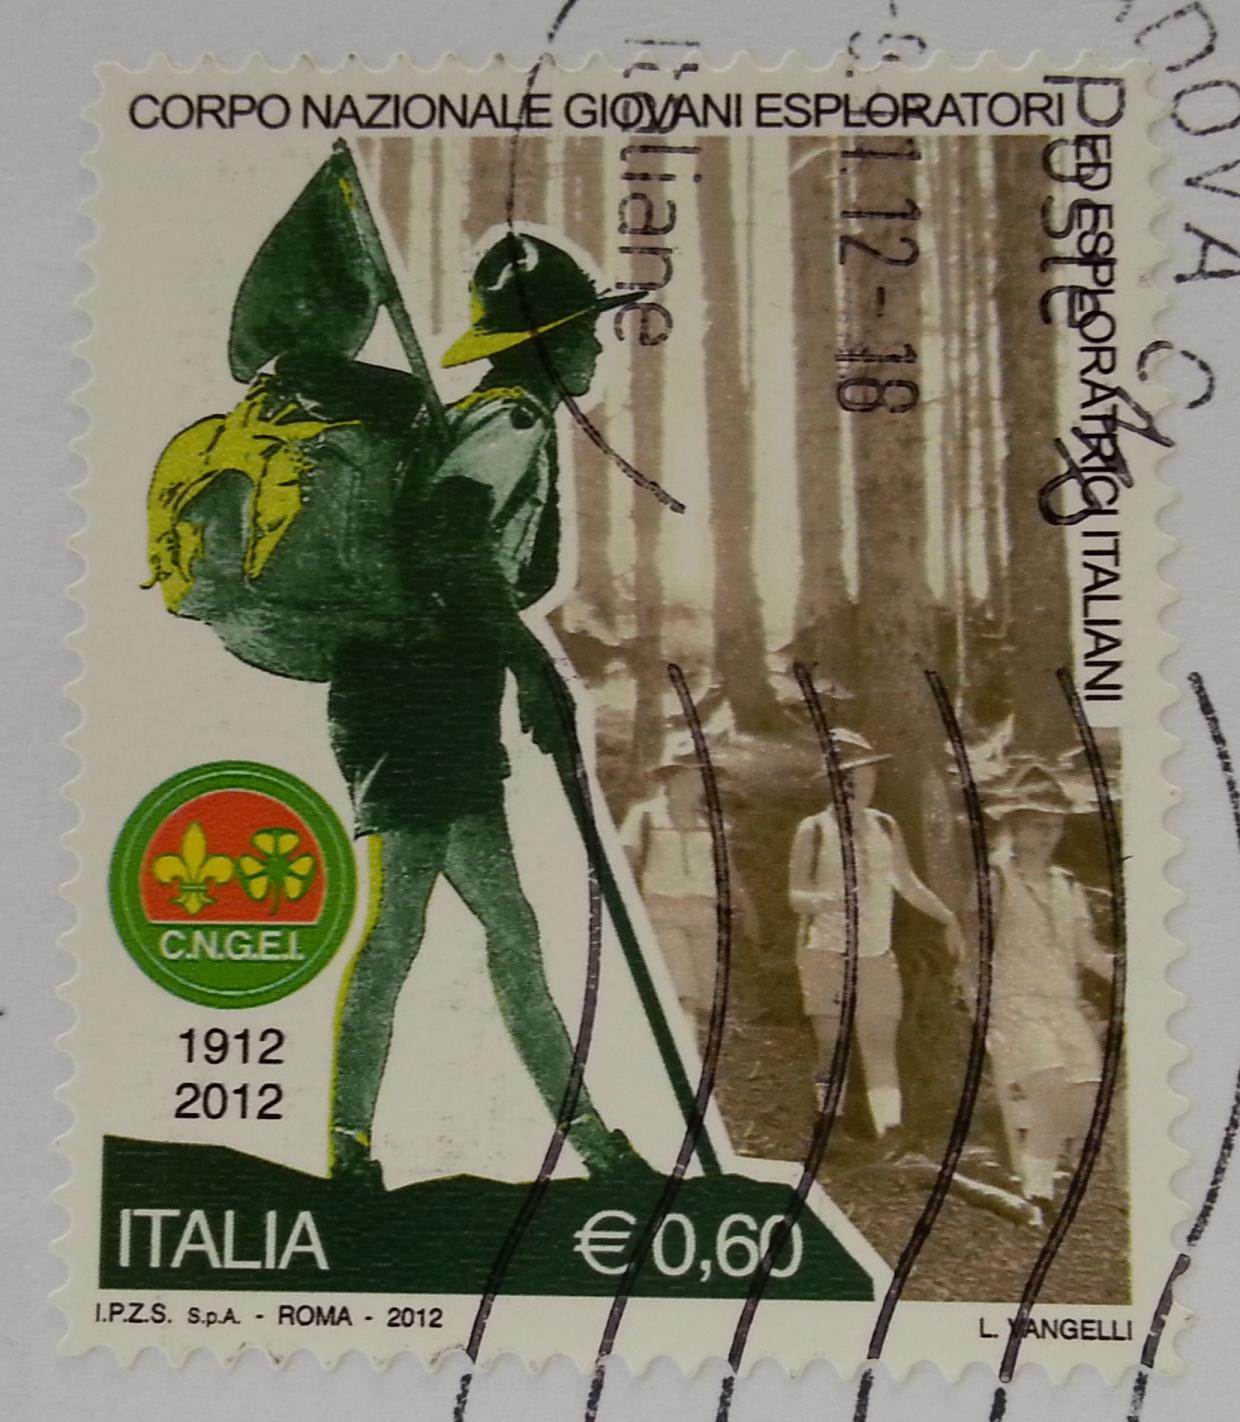 francobollo Corpo Nazionale Giovani Esploratori ed Esploratrici Italiani